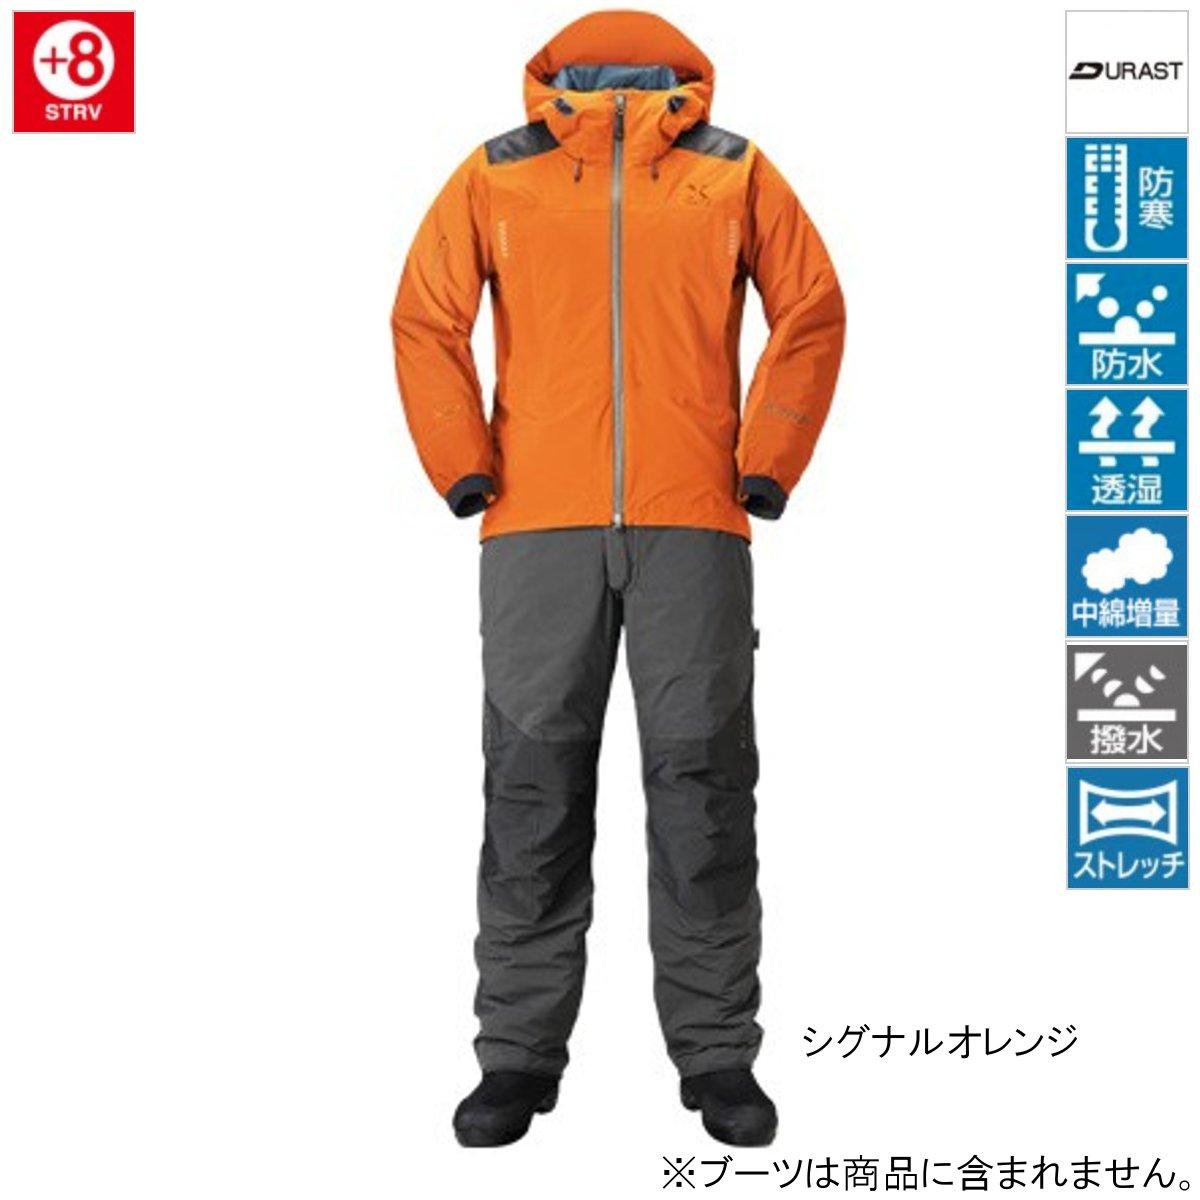 シマノ XEFO ストレッチ ウォームスーツ RB-224R XL シグナルオレンジ【送料無料】